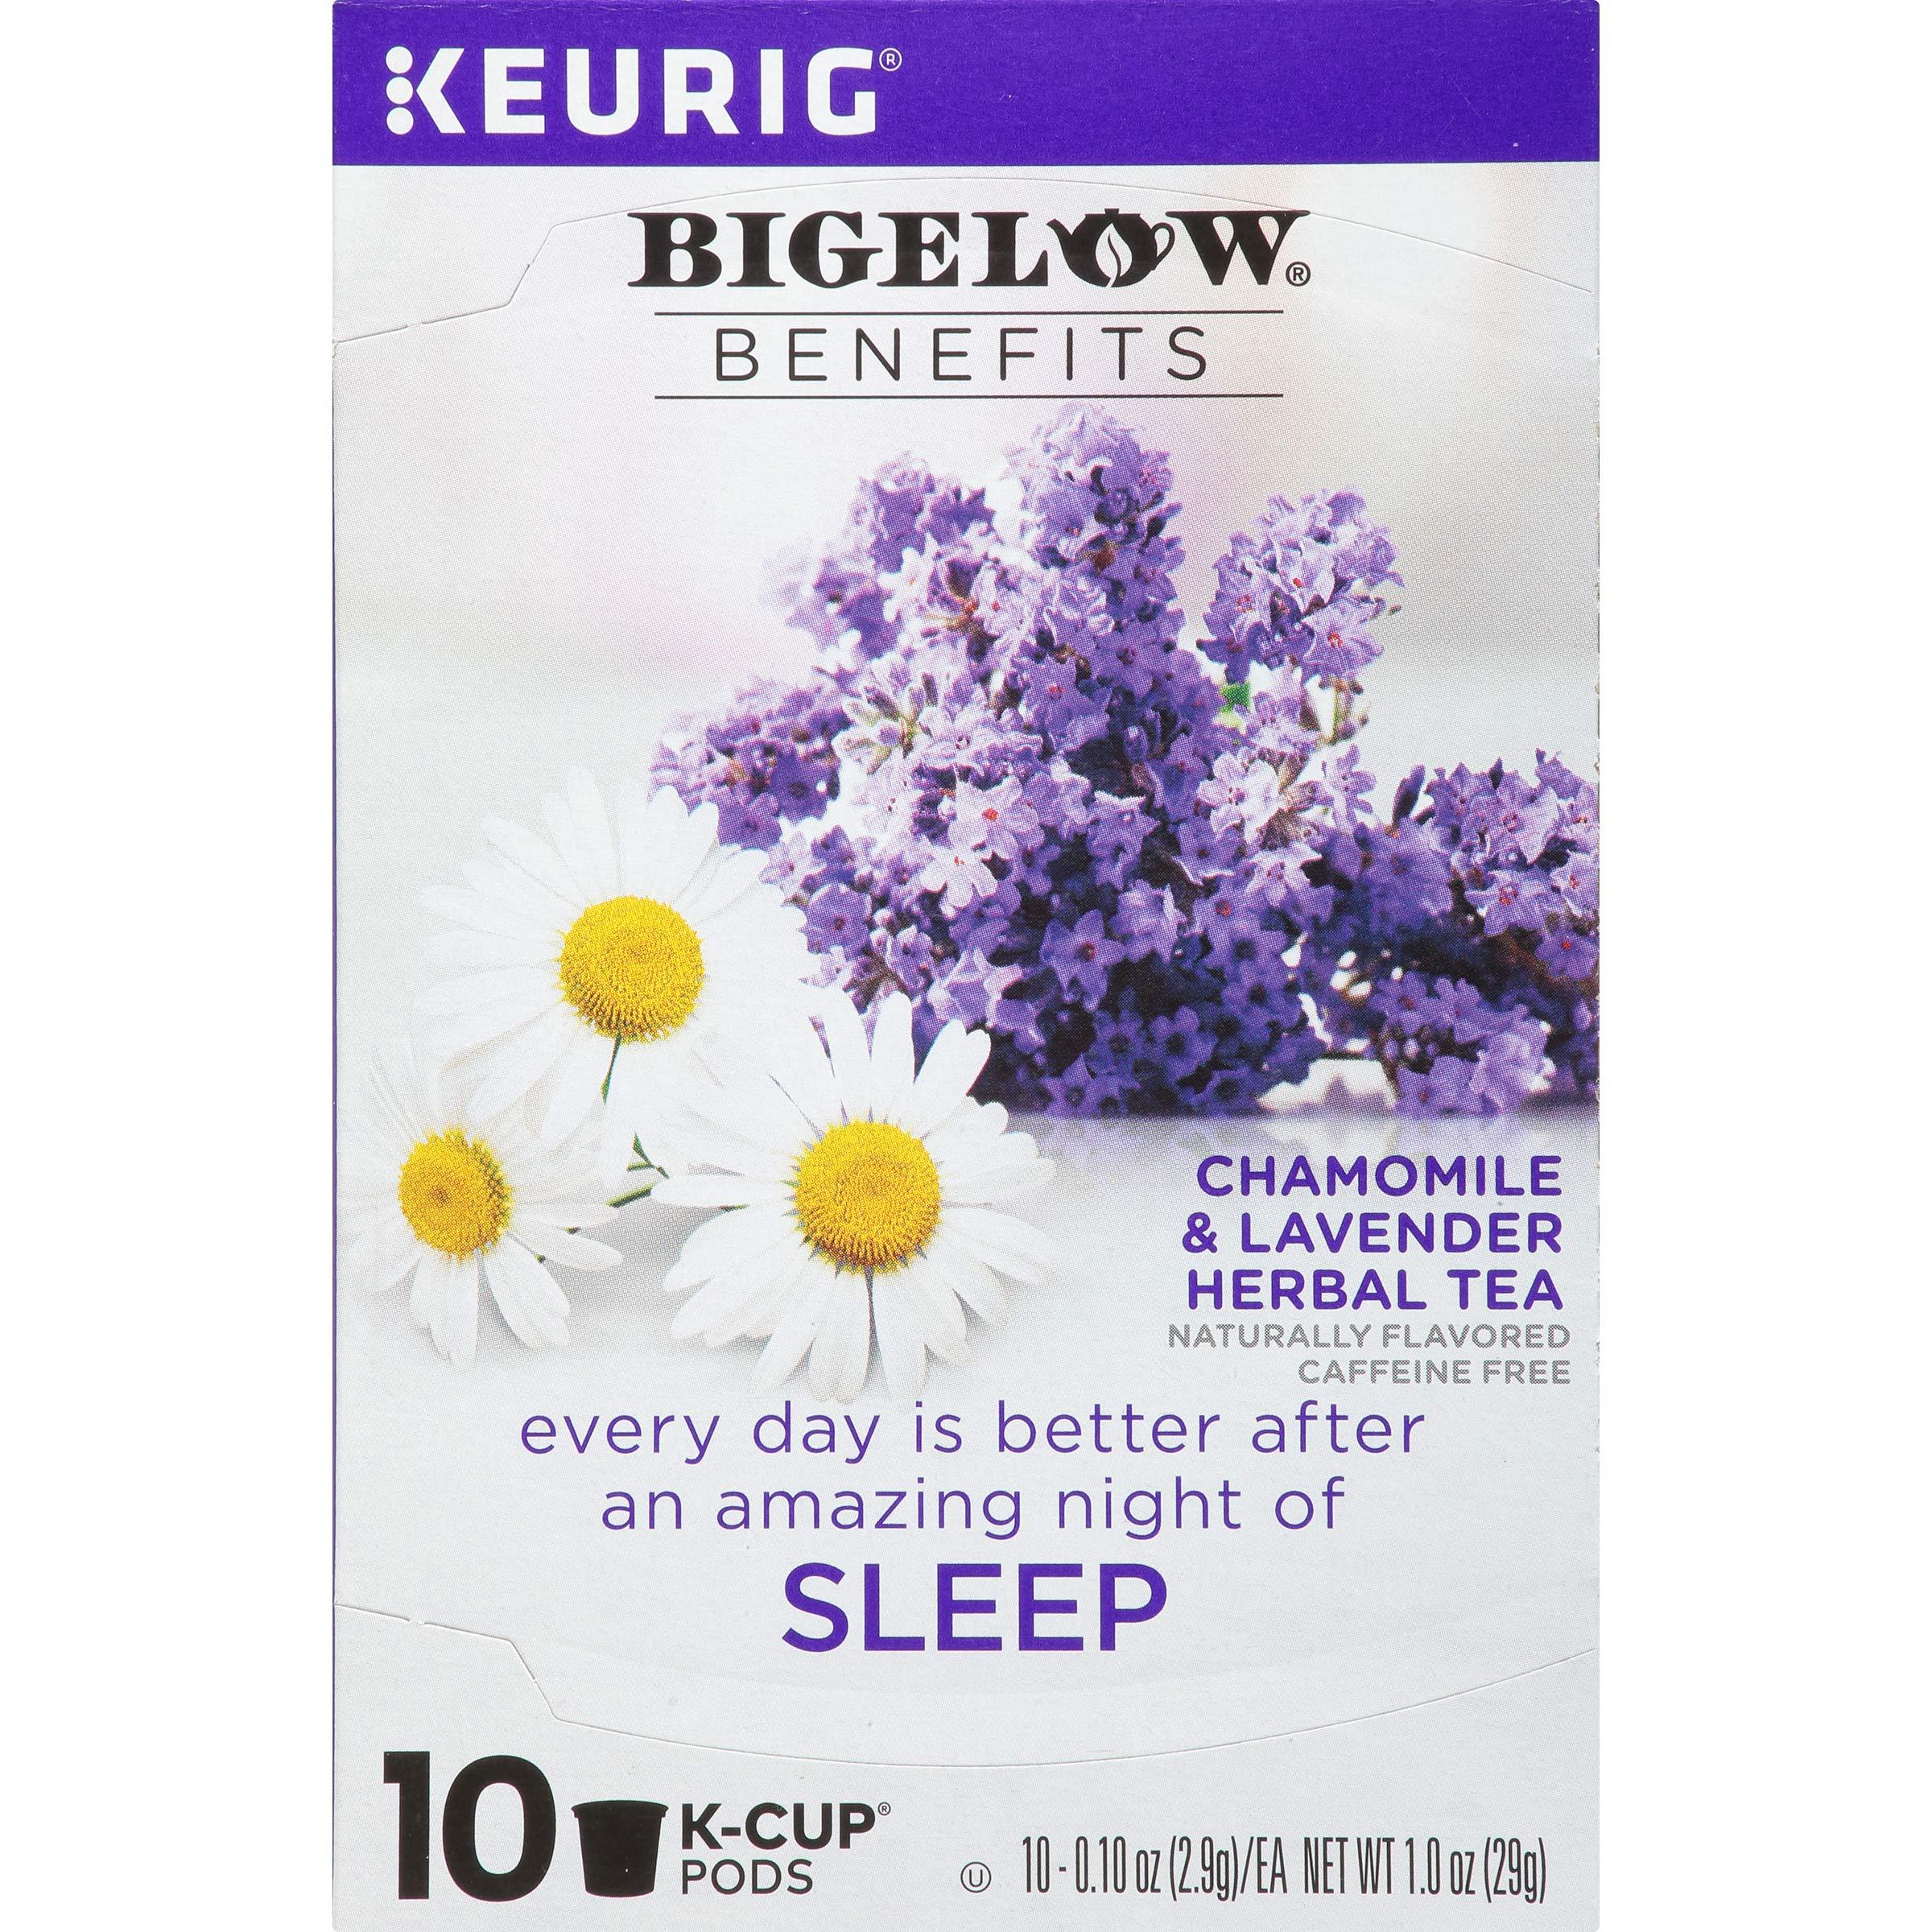 Bigelow Benefits Chamomile & Lavender Herbal Tea K-Cups, Sleep, 10Count (Pack of 6)